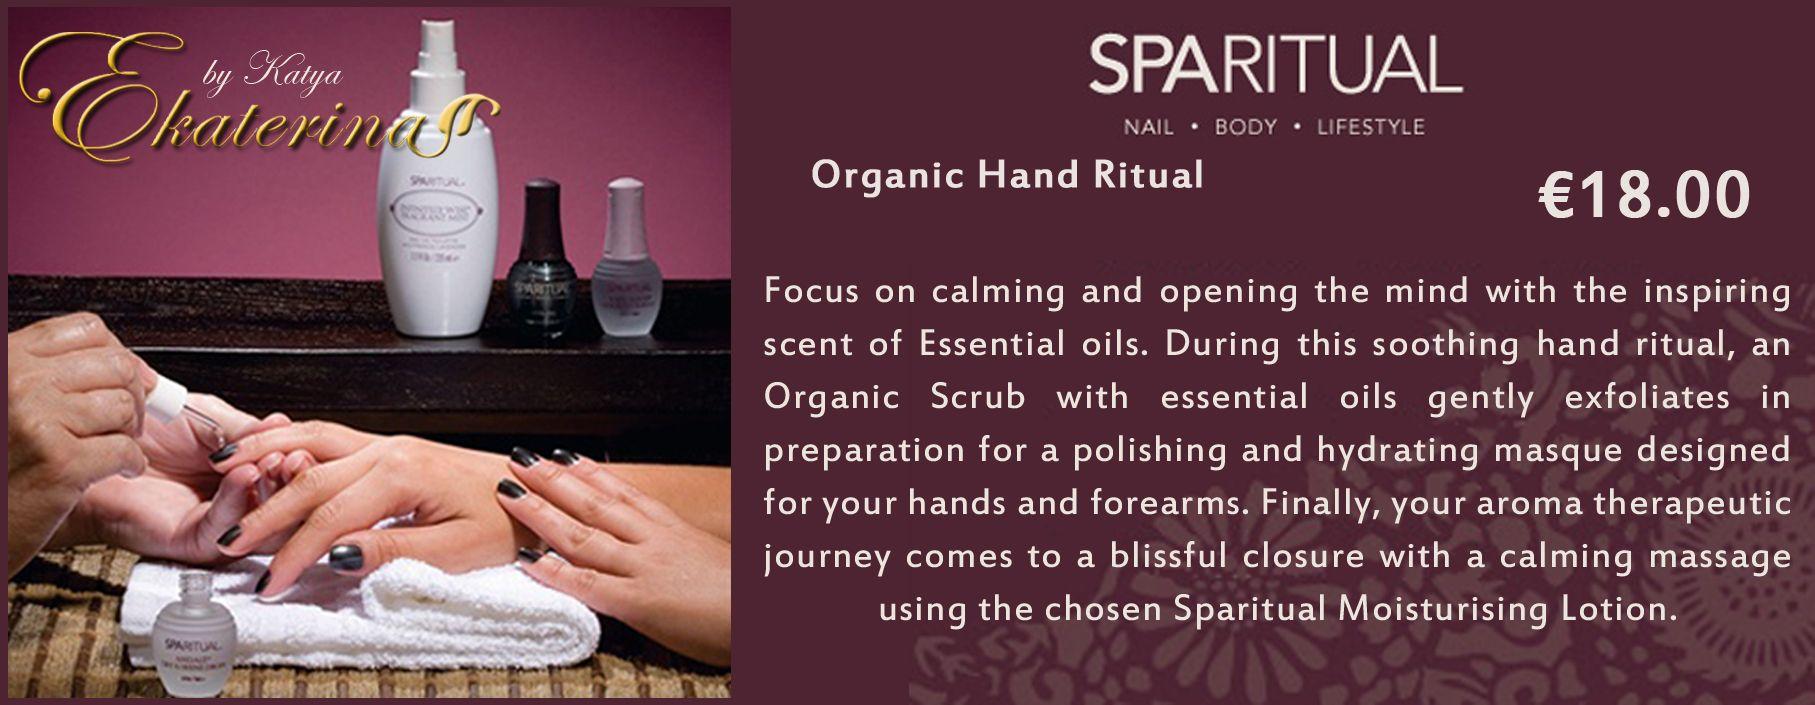 Organic Hand Ritual